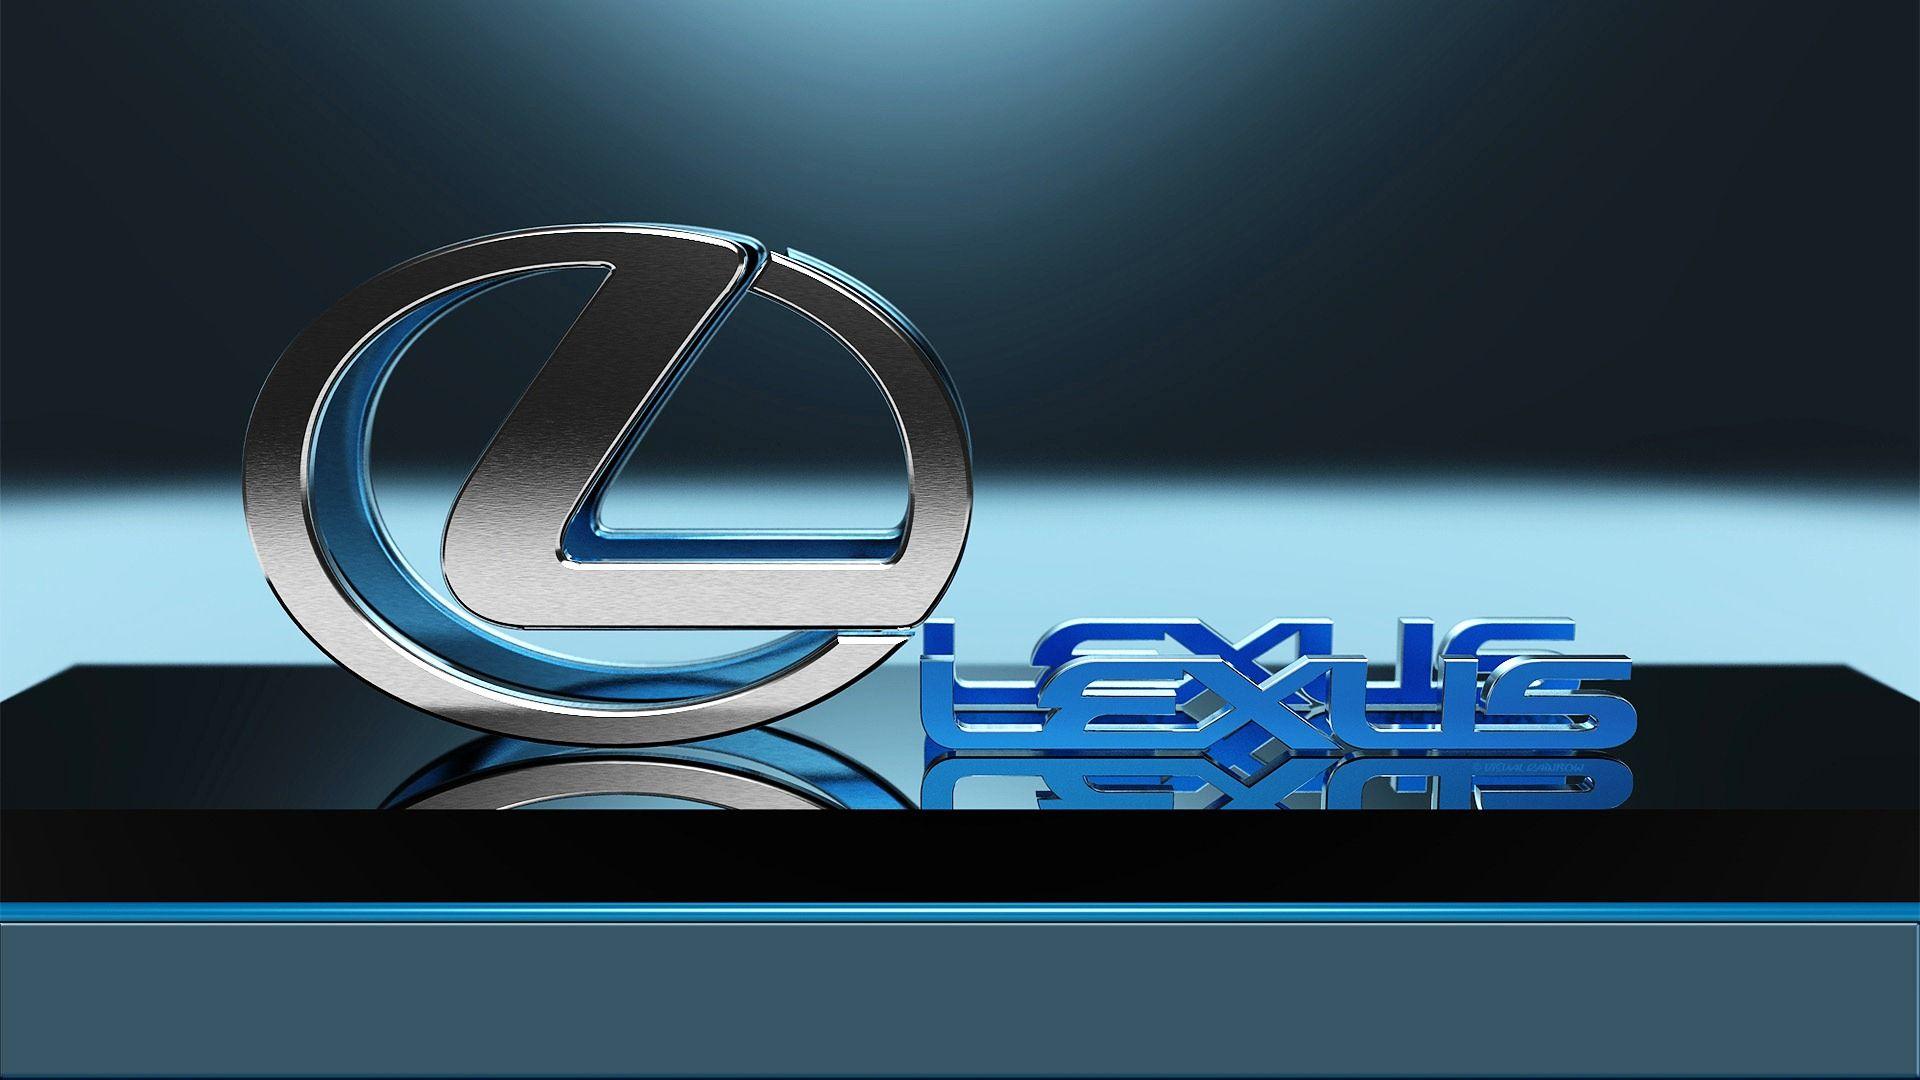 Lexus Car Hd Wallpapers Nice Wallpapers 1920 1200 Lexus Wallpapers 46 Wallpapers Adorable Wallpapers Lexus Wallpaper Lexus Logo Lexus